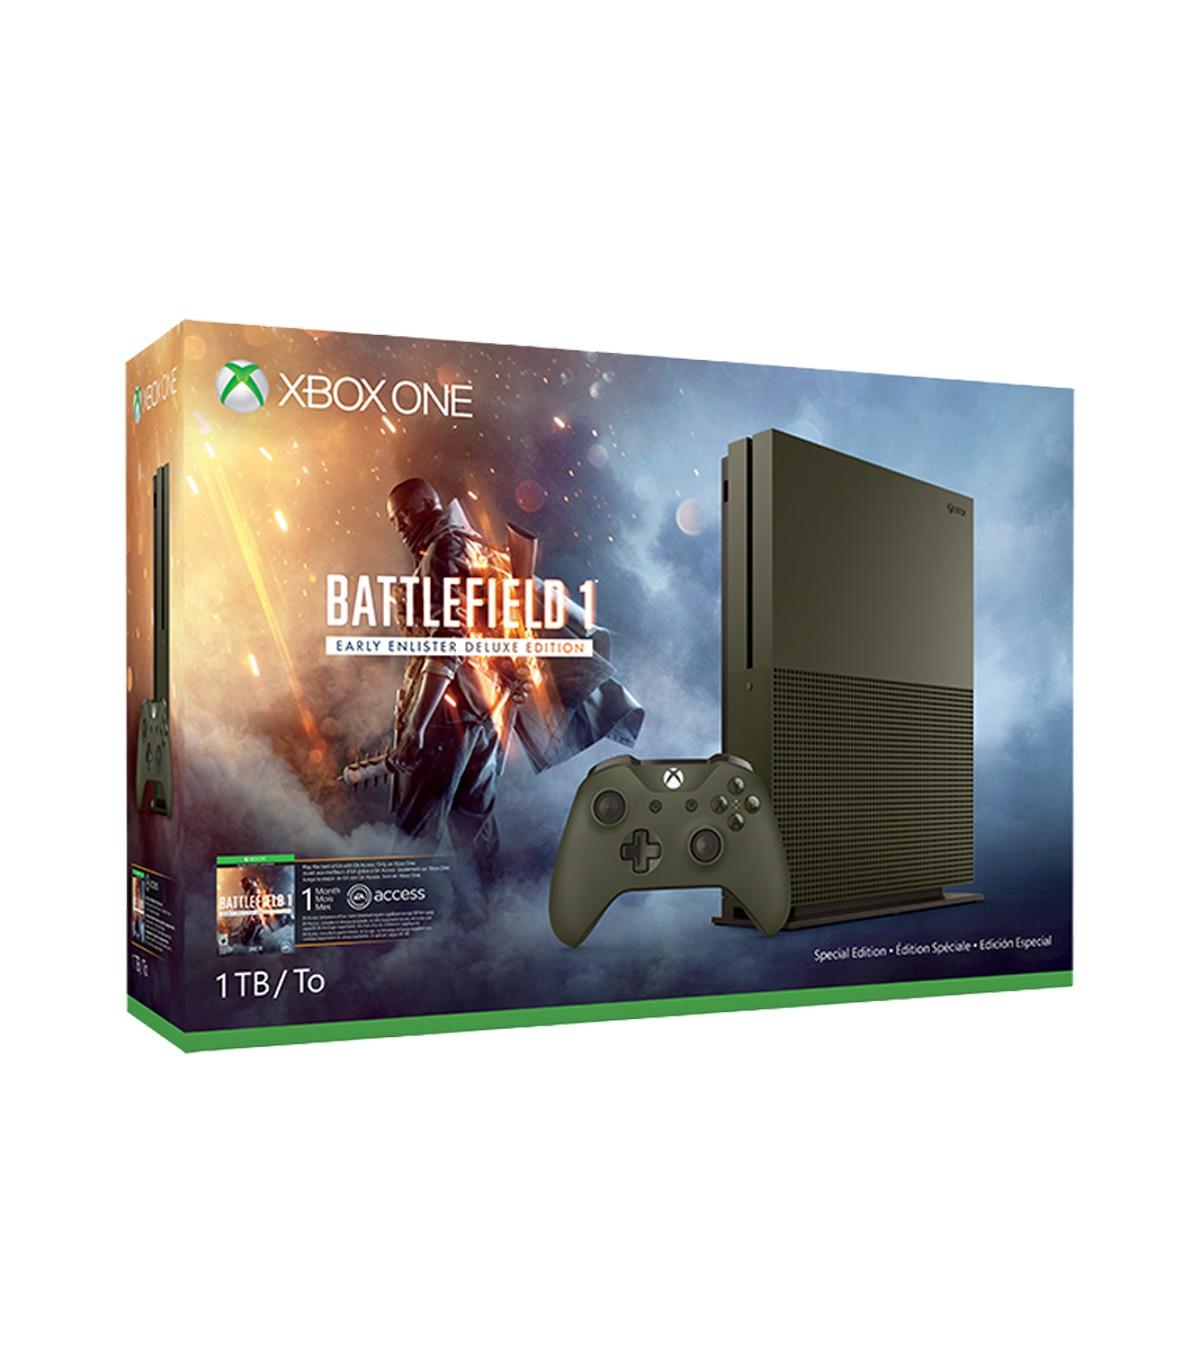 کنسول بازی Xbox One S باندل Battlefield 1 نسخه limited